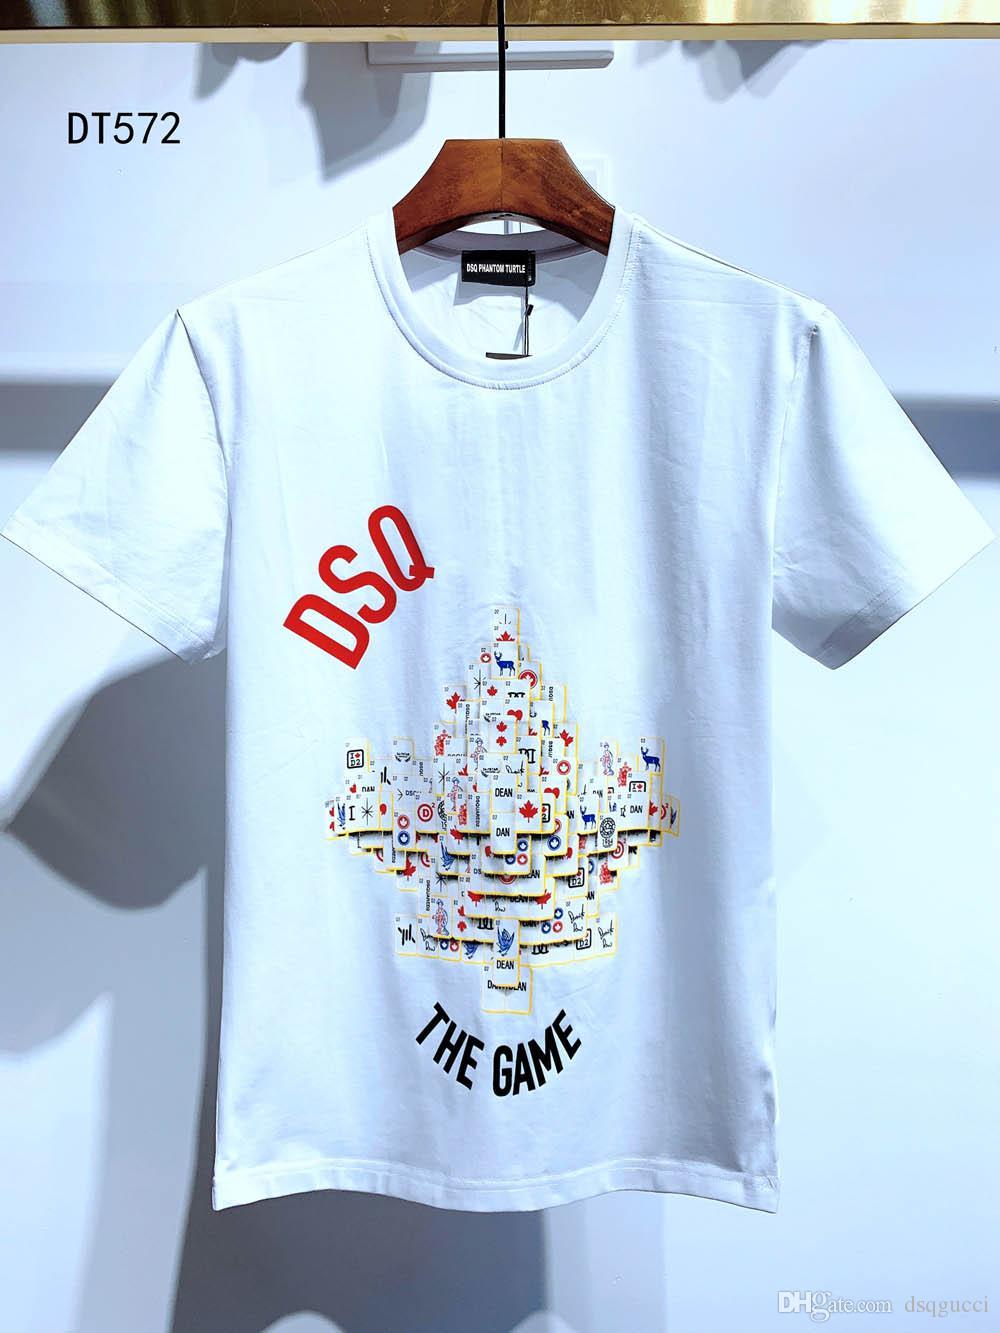 DSQ Herren Designer-T-Shirts Schwarz Weiß Mann-Sommer-Art und Weise beiläufige Street T-Shirt Tops Short Sleeve Euro-Größe M-XXXL 6837